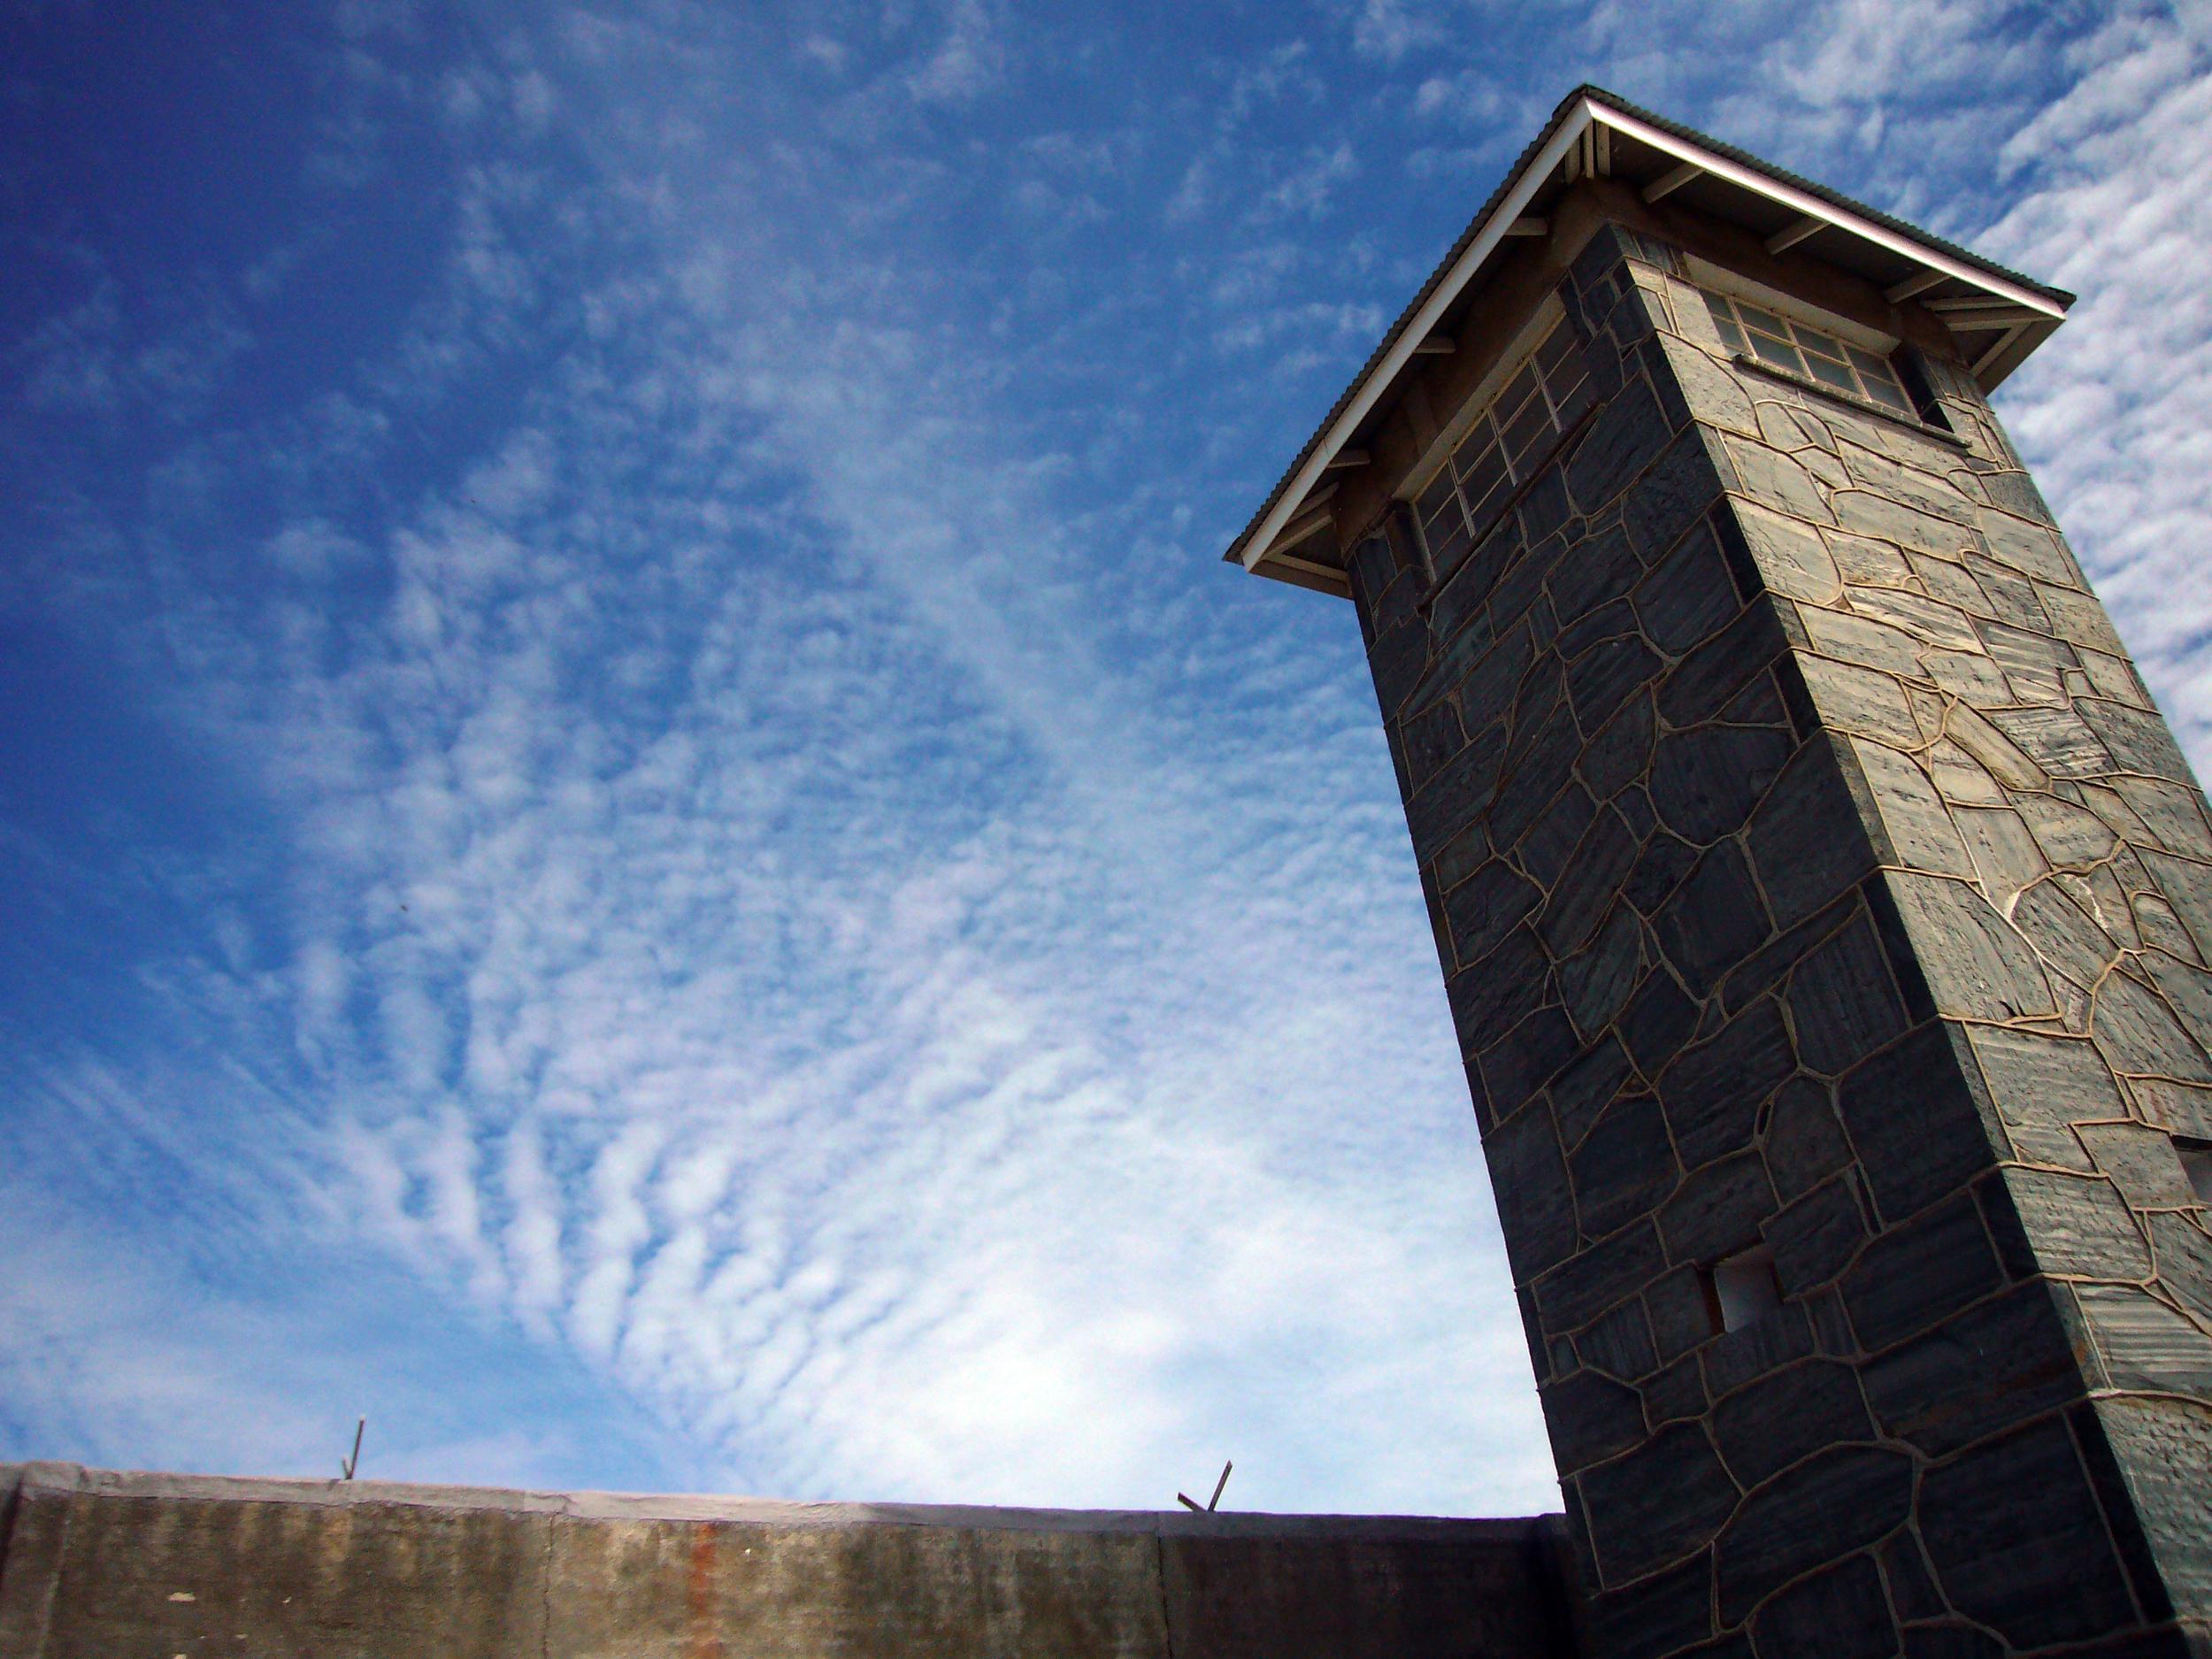 Watch tower, Robben Island